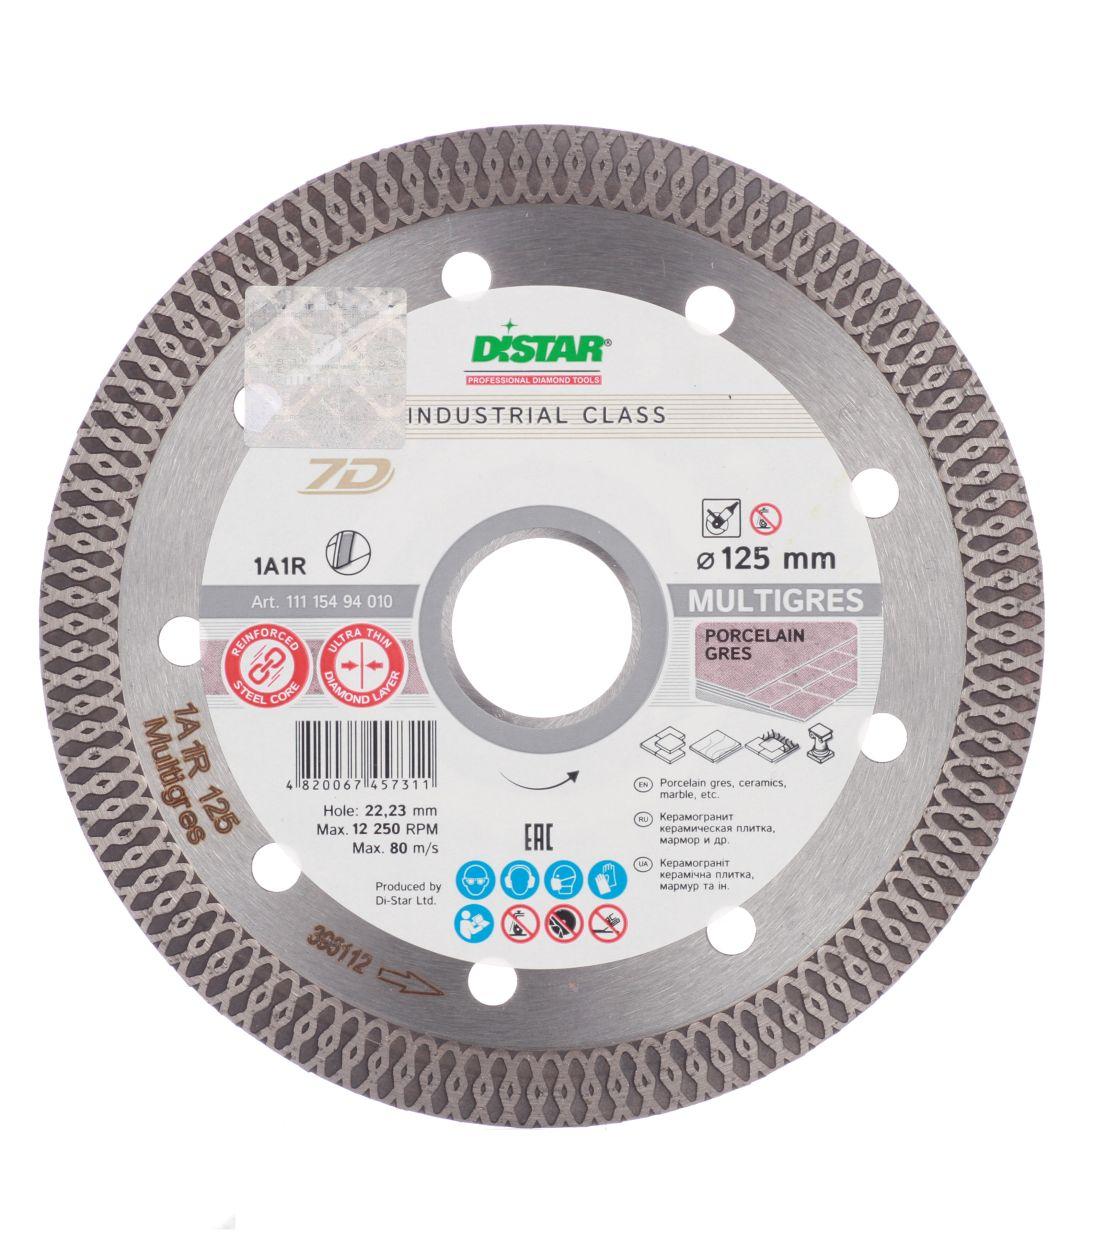 Диск алмазный сплошной по керамограниту DI-STAR Multigres 7D 125х1,4x22 мм диск алмазный сплошной по керамике esthete 115х22 2 мм для ушм distar 11115421009